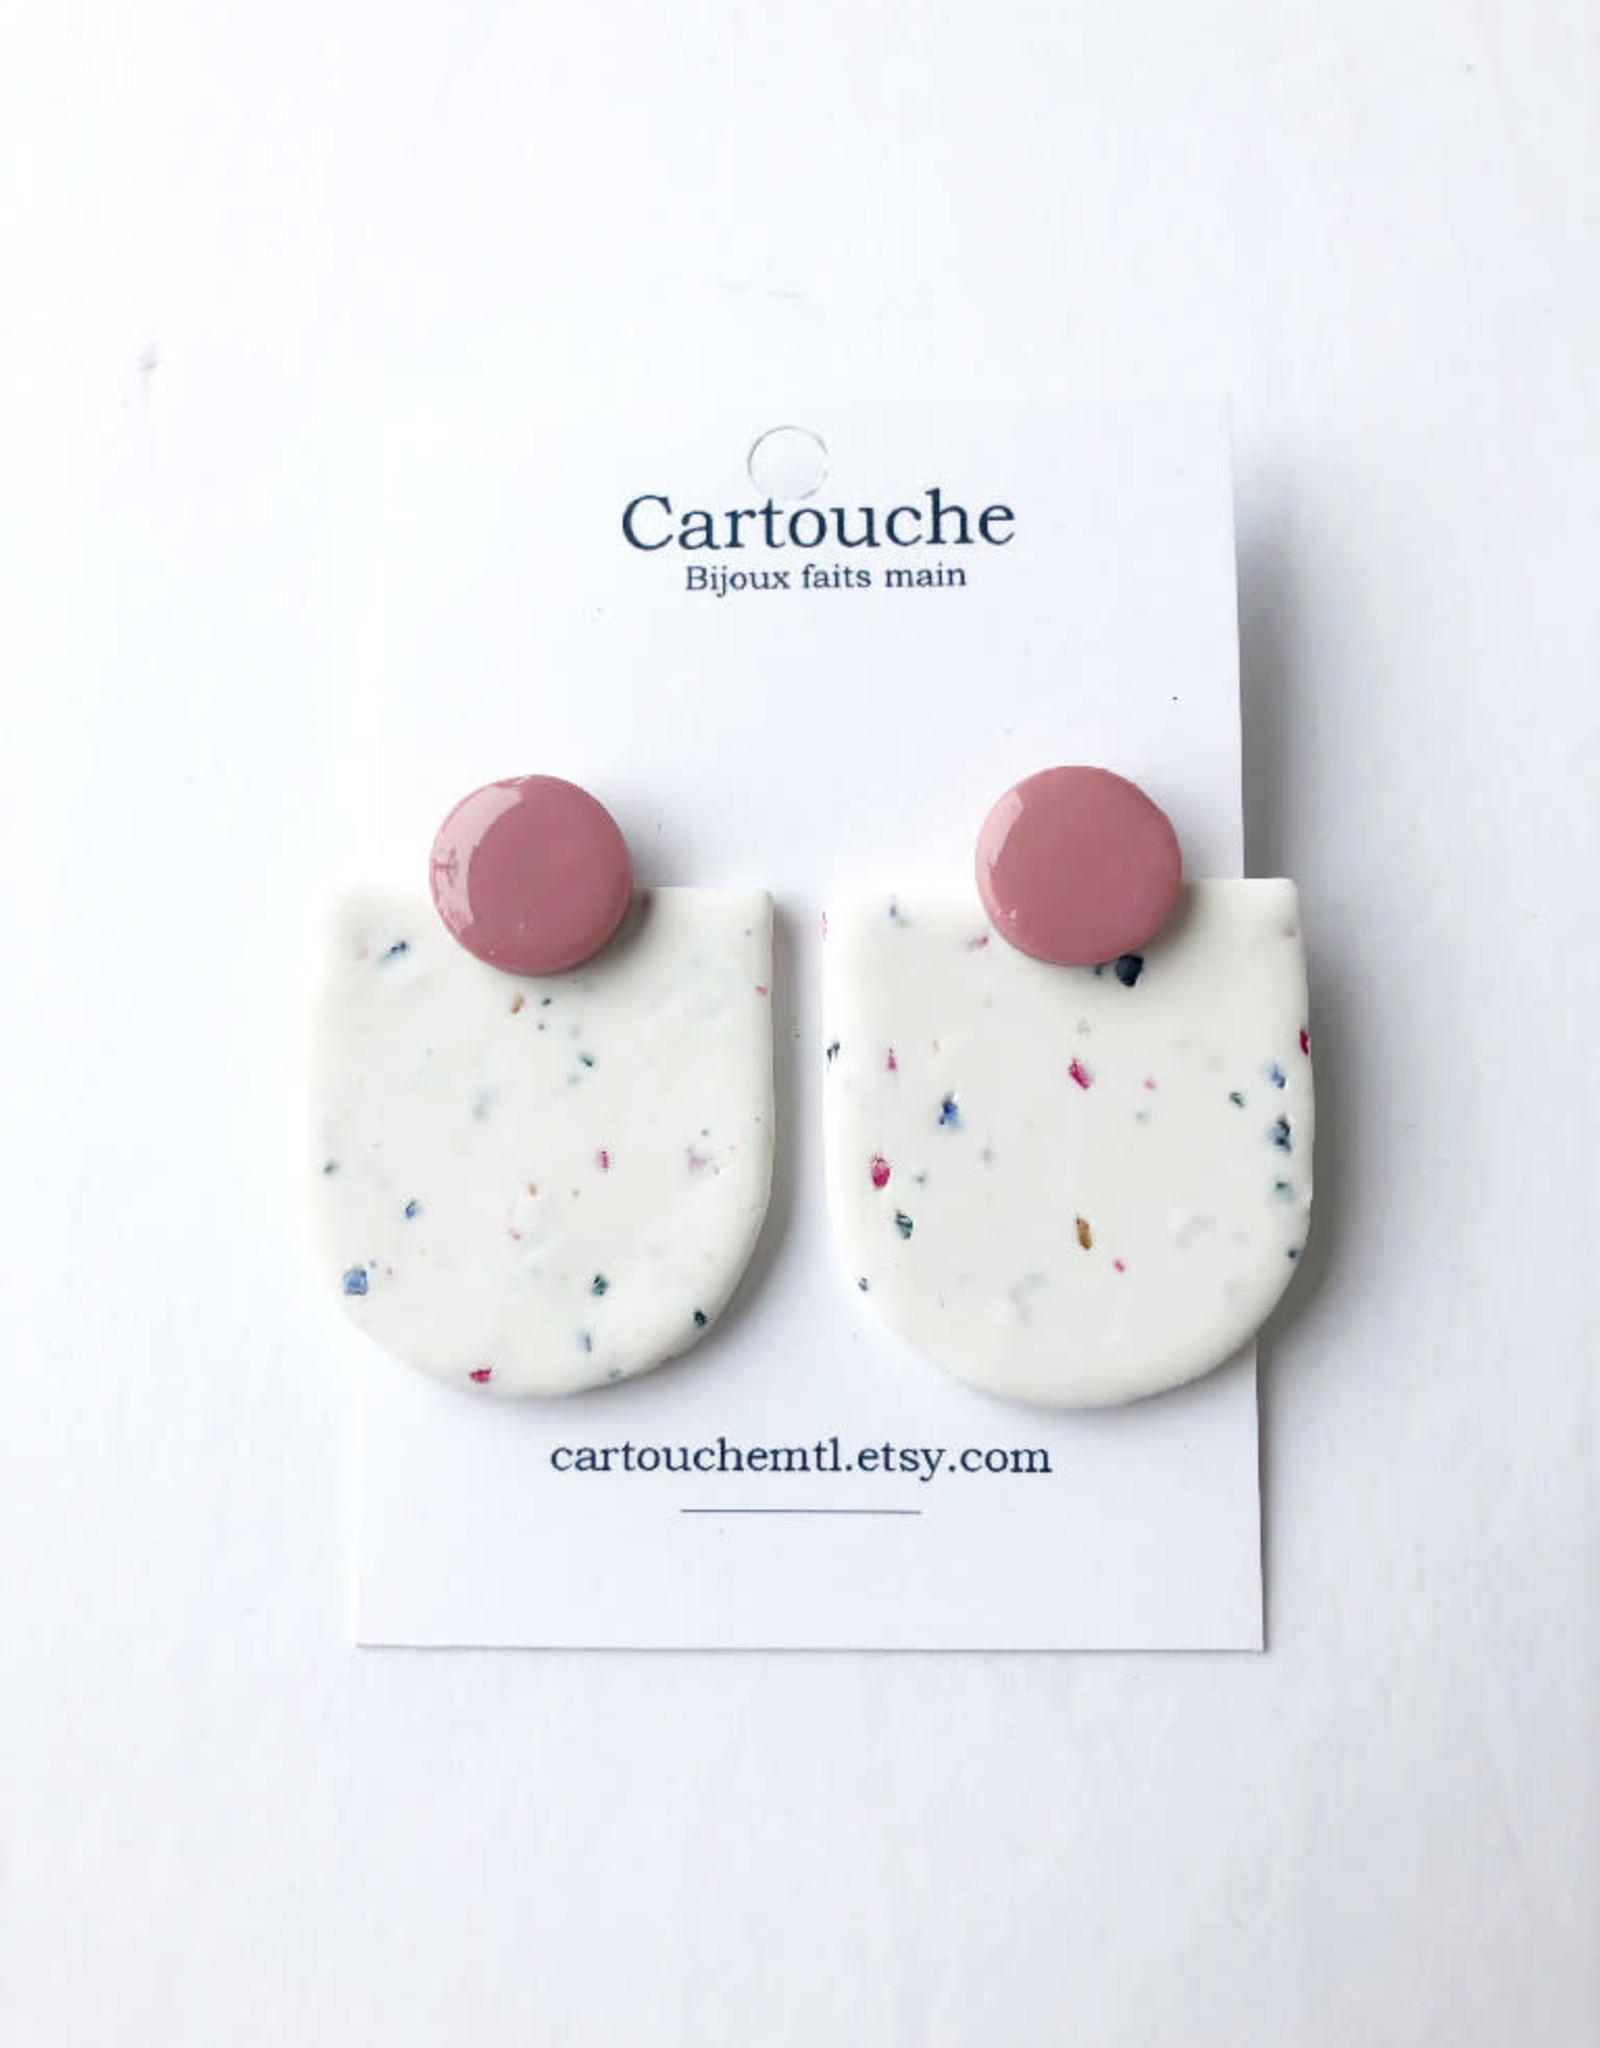 CartoucheMTL Boucles d'oreilles Audrey blanc confettis CartoucheMTL Rose